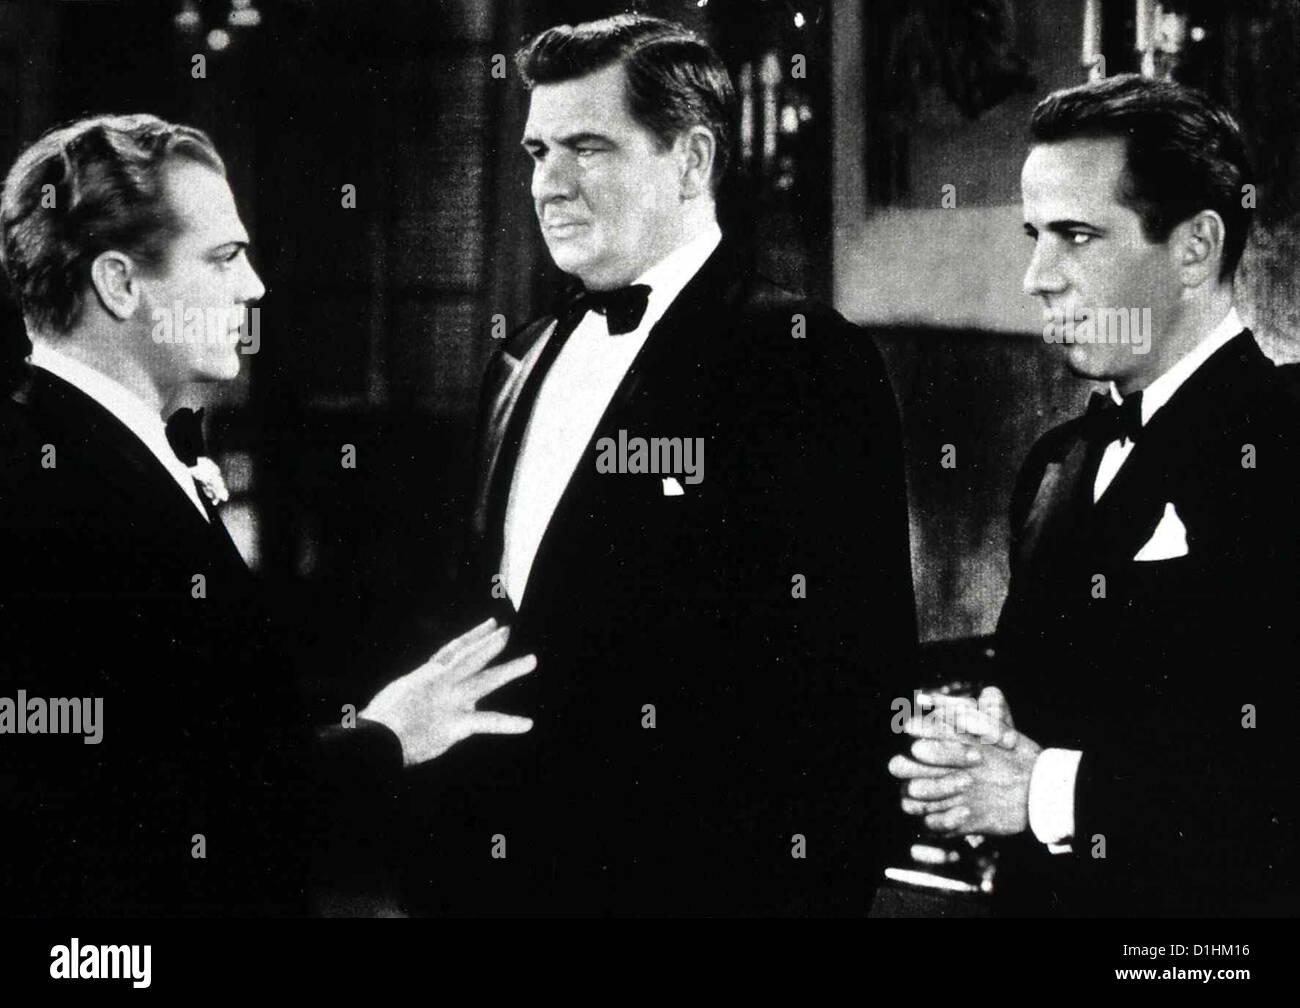 Chicago - Engel Mit Schmutzigen Gesichtern  Angels Dirty Faces  James Cagney, George Bancroft, Humphrey Bogart *** Stock Photo